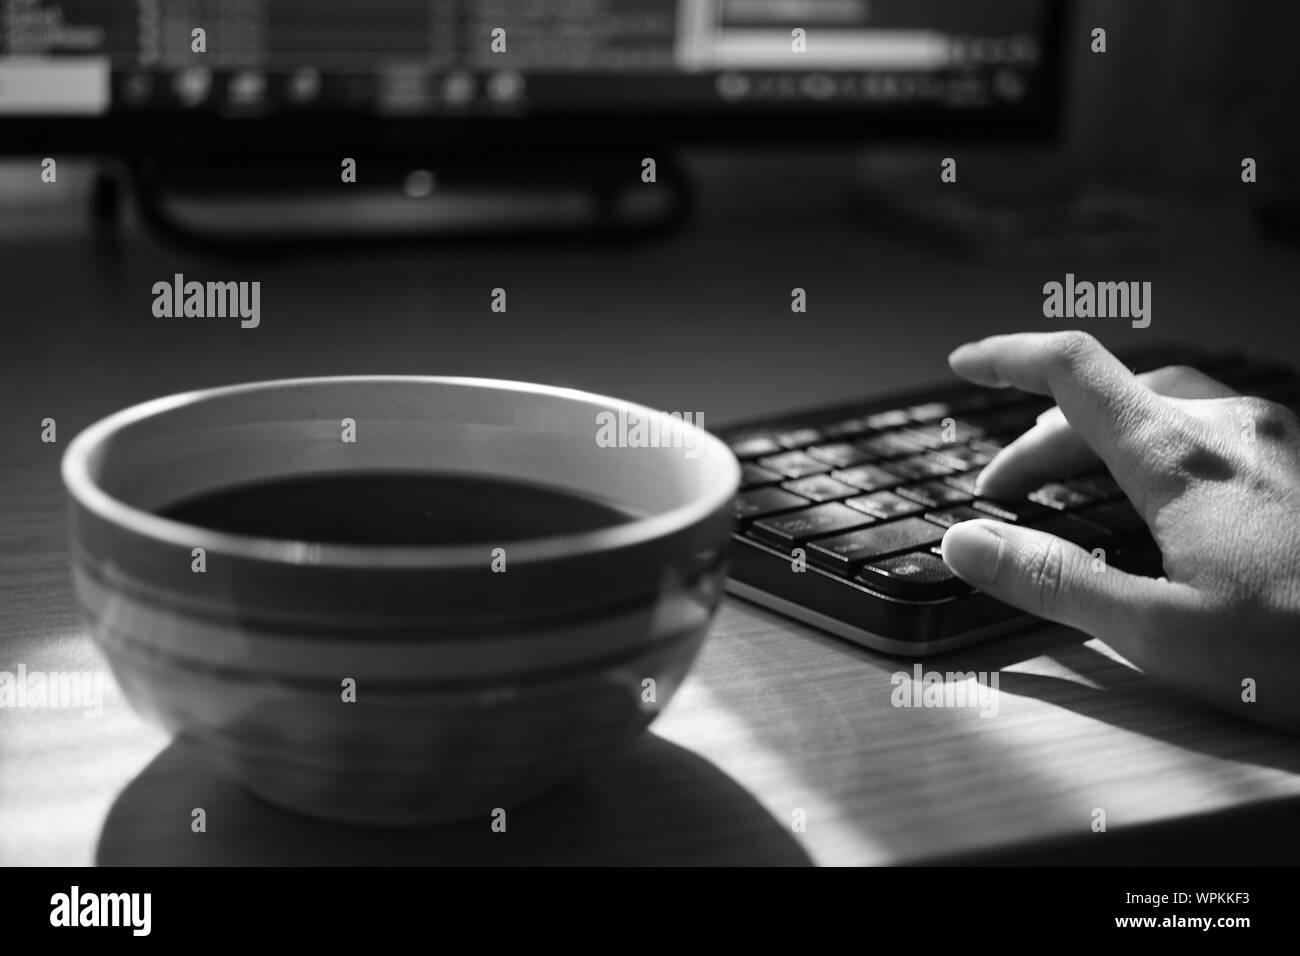 Lieu de travail dans le bureau avec une tasse de thé et un clavier sur la table, de l'environnement de travail, selective focus, photo nb Banque D'Images